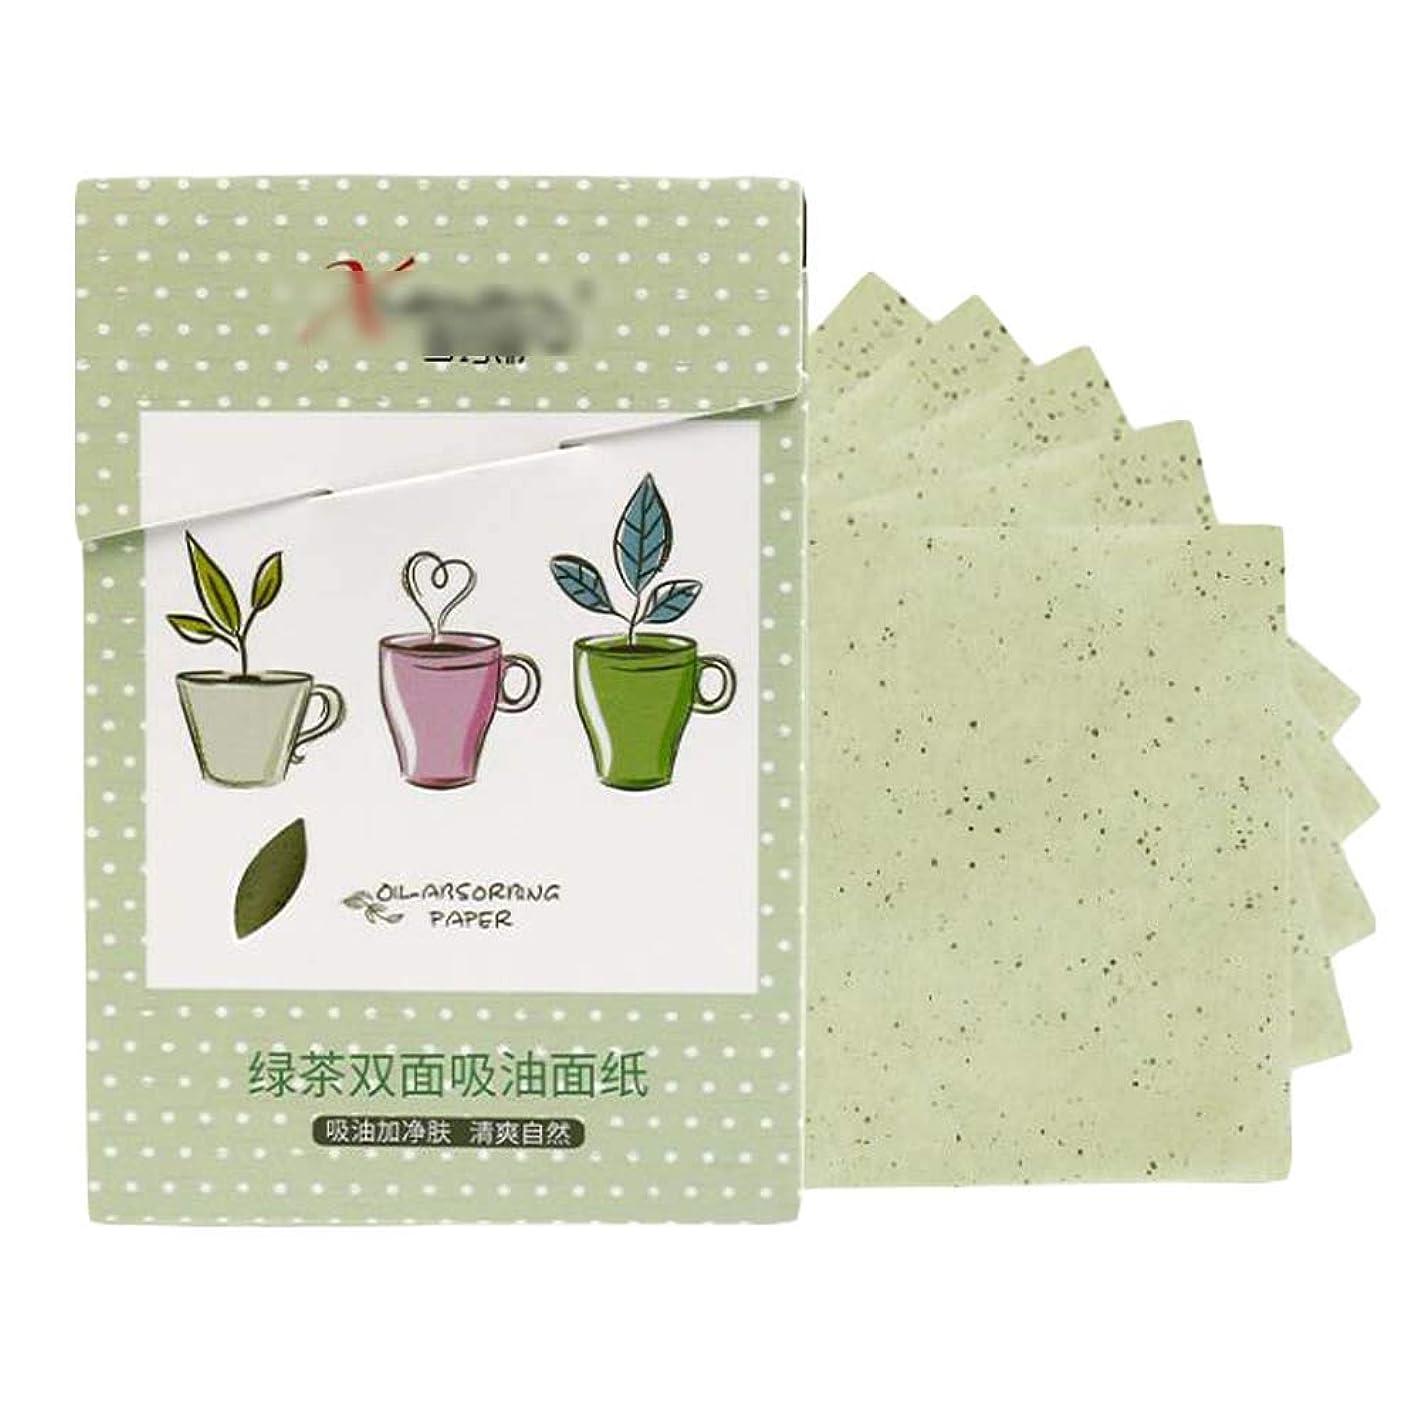 教室苗怒る緑茶オイルブロッティングティッシュフェイスオイル吸収紙、200枚